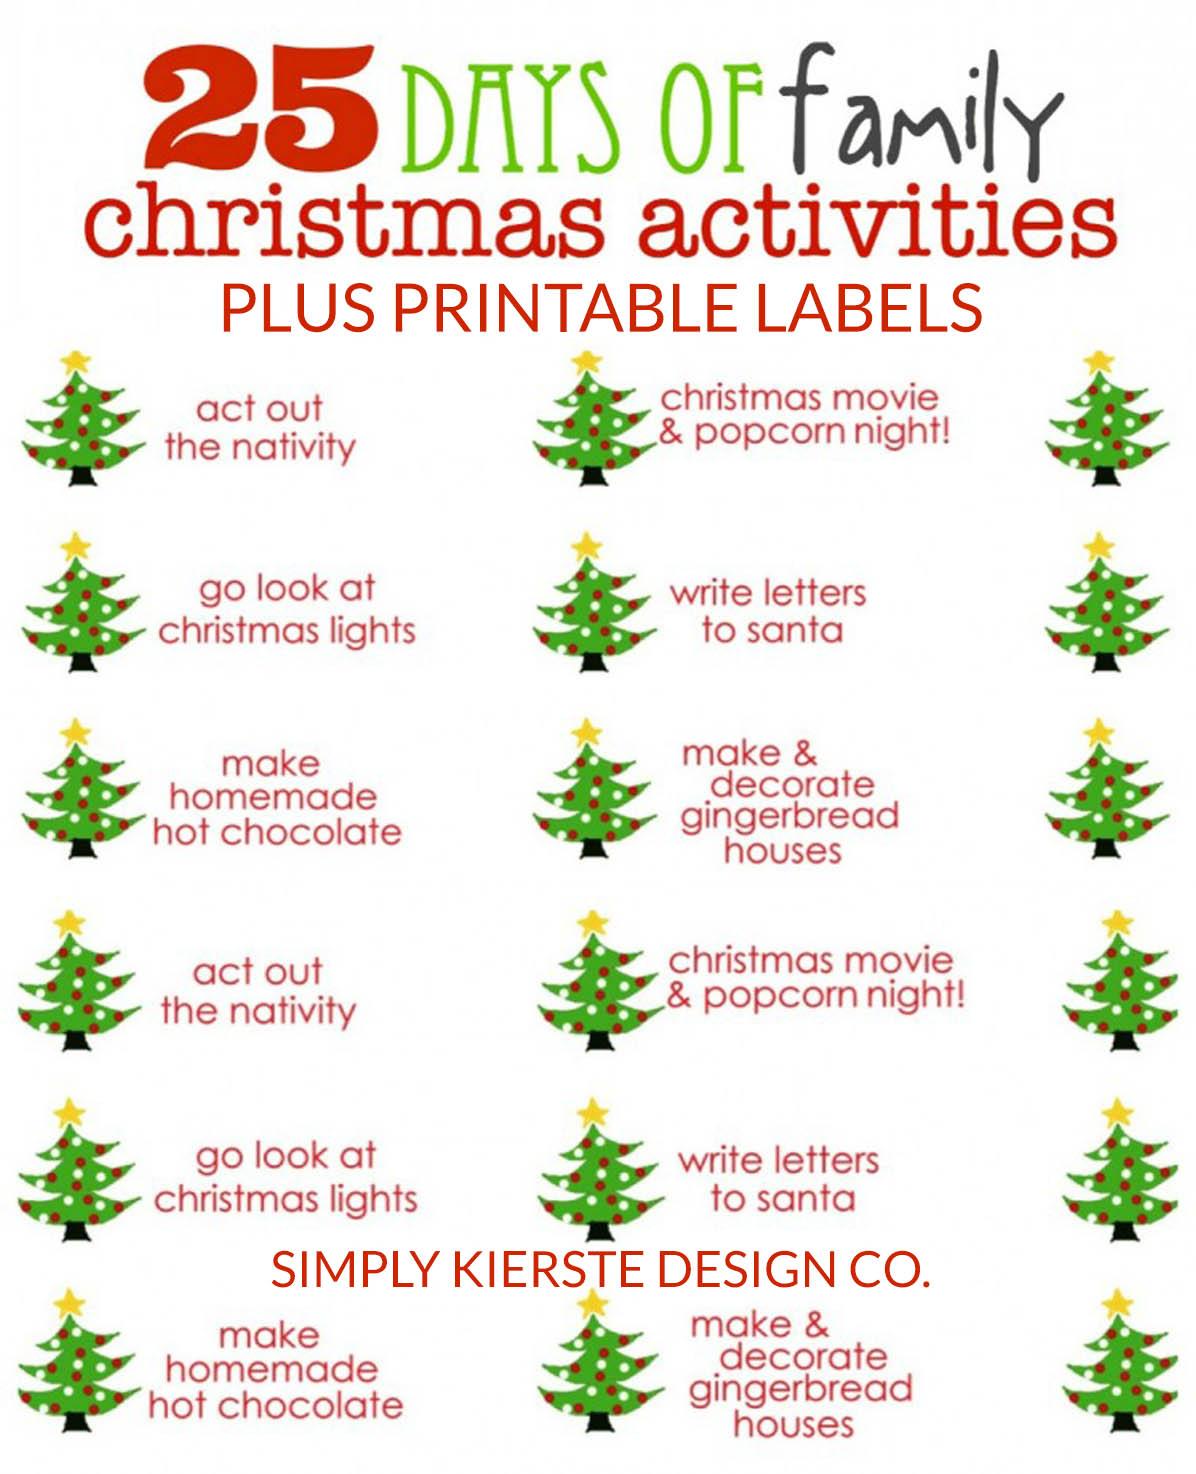 25 Days of Family Christmas Activities | simplykierste.com